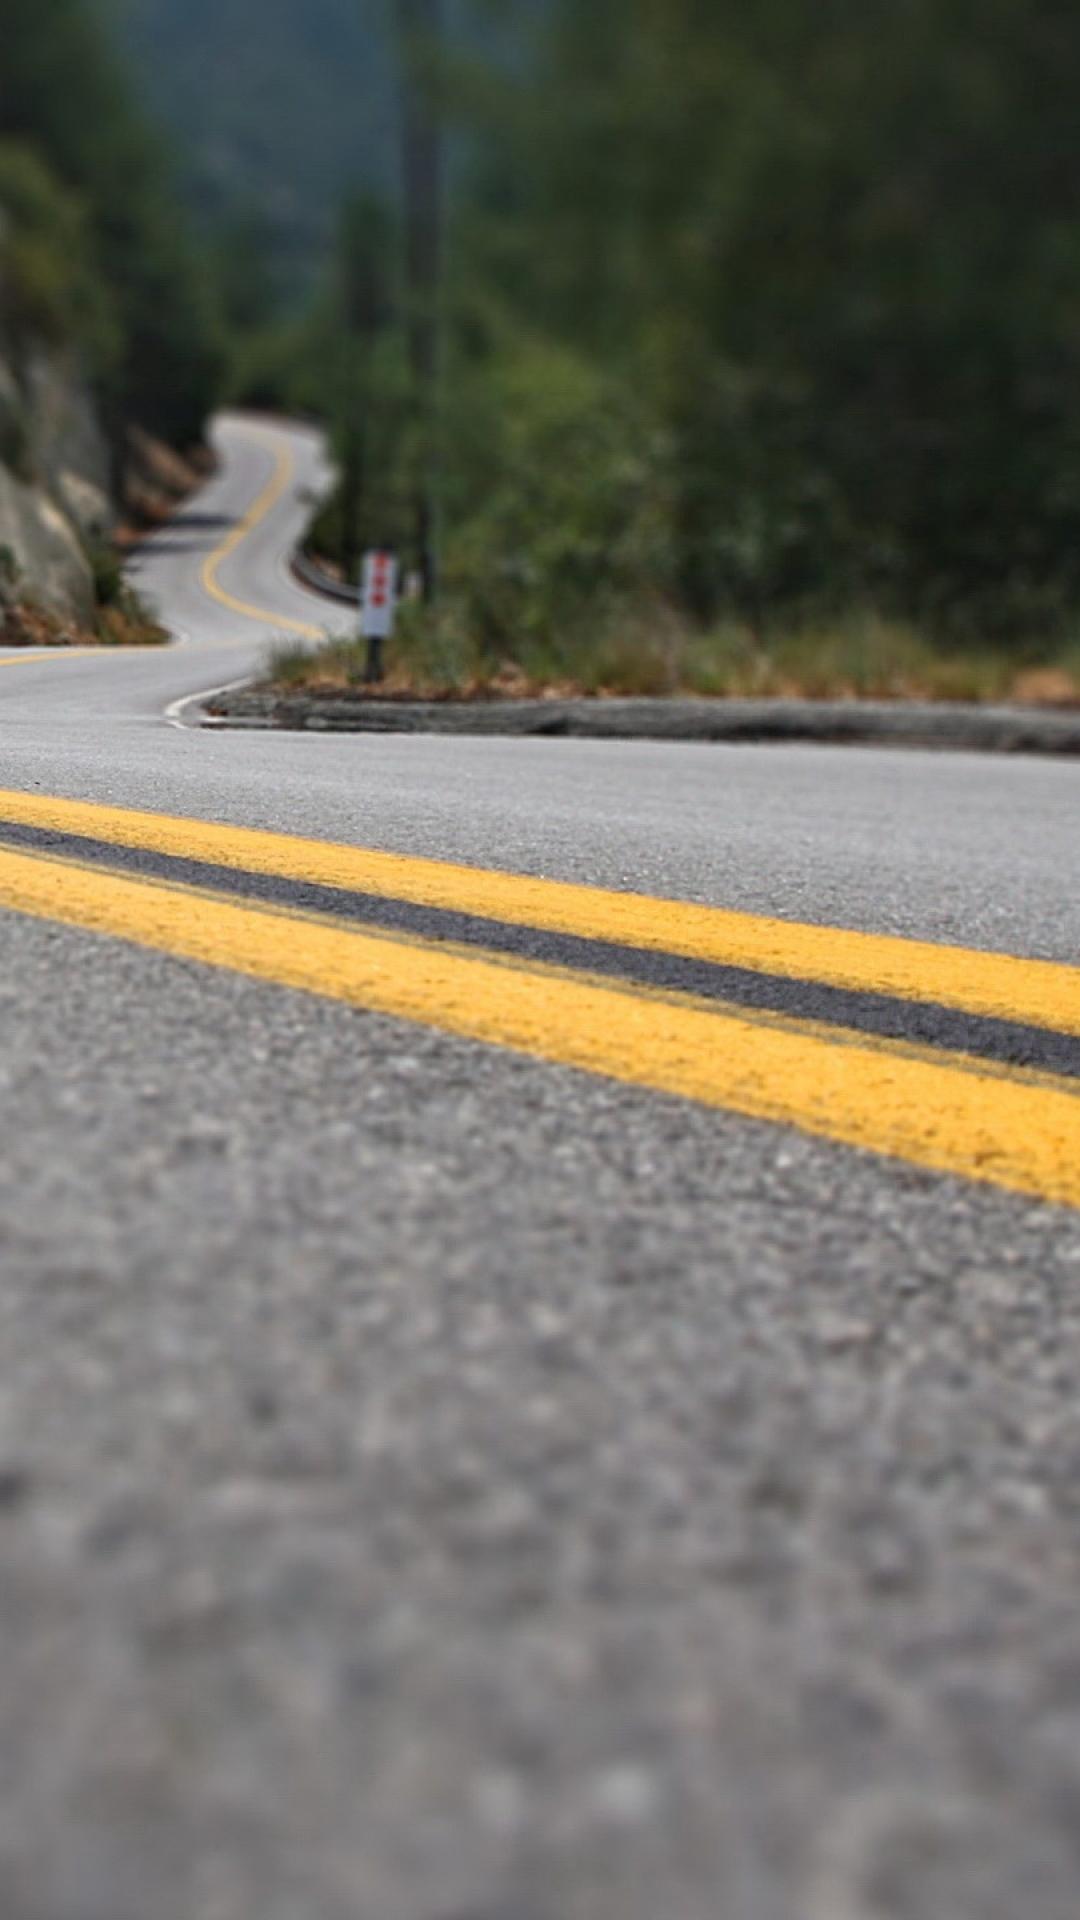 iPhone wallpaper road marking lines yellow asphalt 3Wallpapers : notre sélection de fonds décran iPhone du 17/08/2017